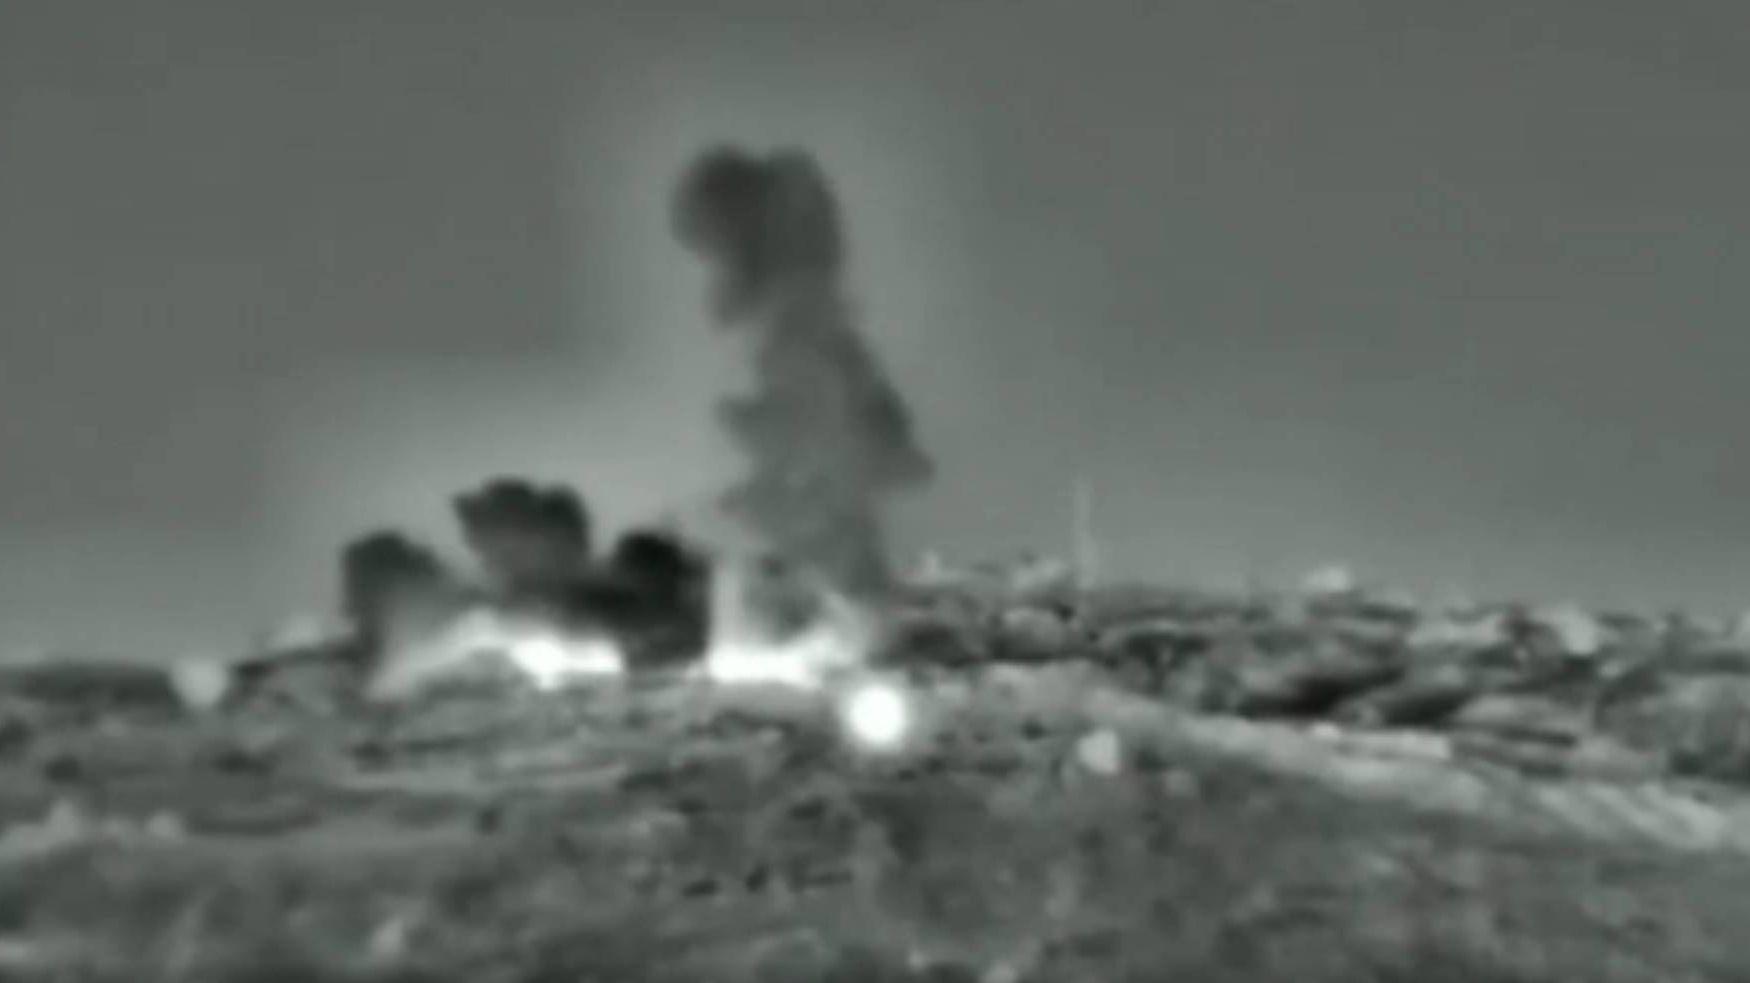 Цитата из видео ракетного удара по территории Сирии